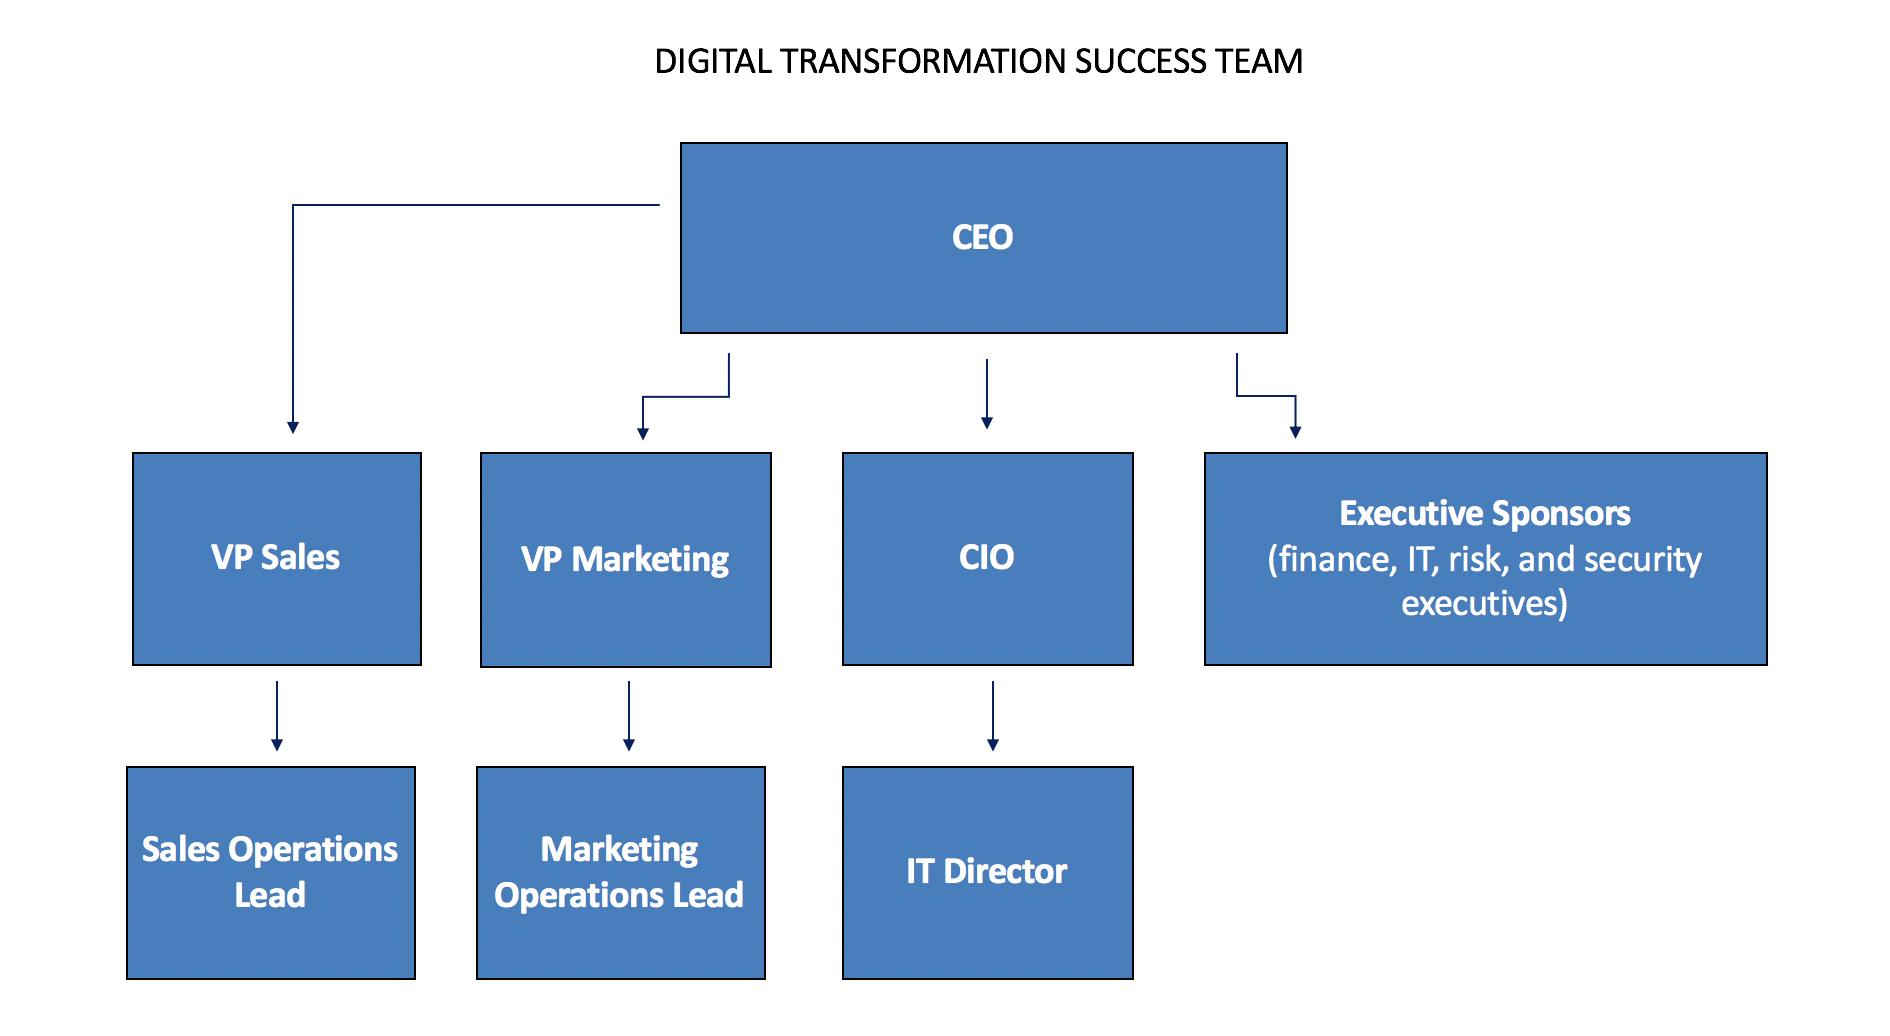 A Digital Transformation Team